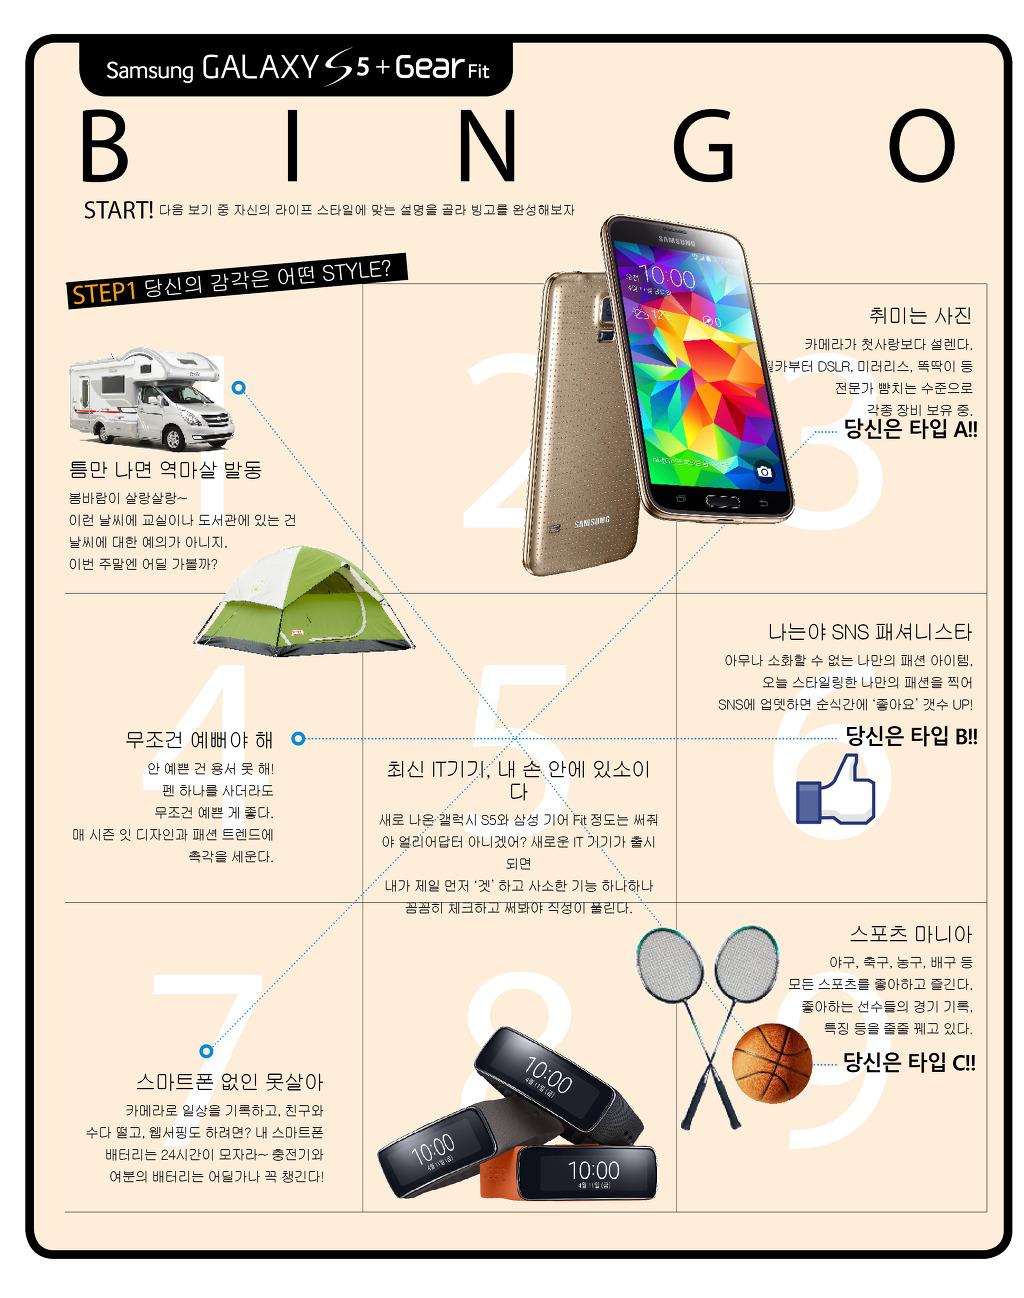 삼성, 삼성전자, 갤럭시S5, 갤럭시 S5, 기어 핏, 기어핏, 기어핏 활용, 기어 핏 활용, 갤럭시S5 홣용, 대학내일